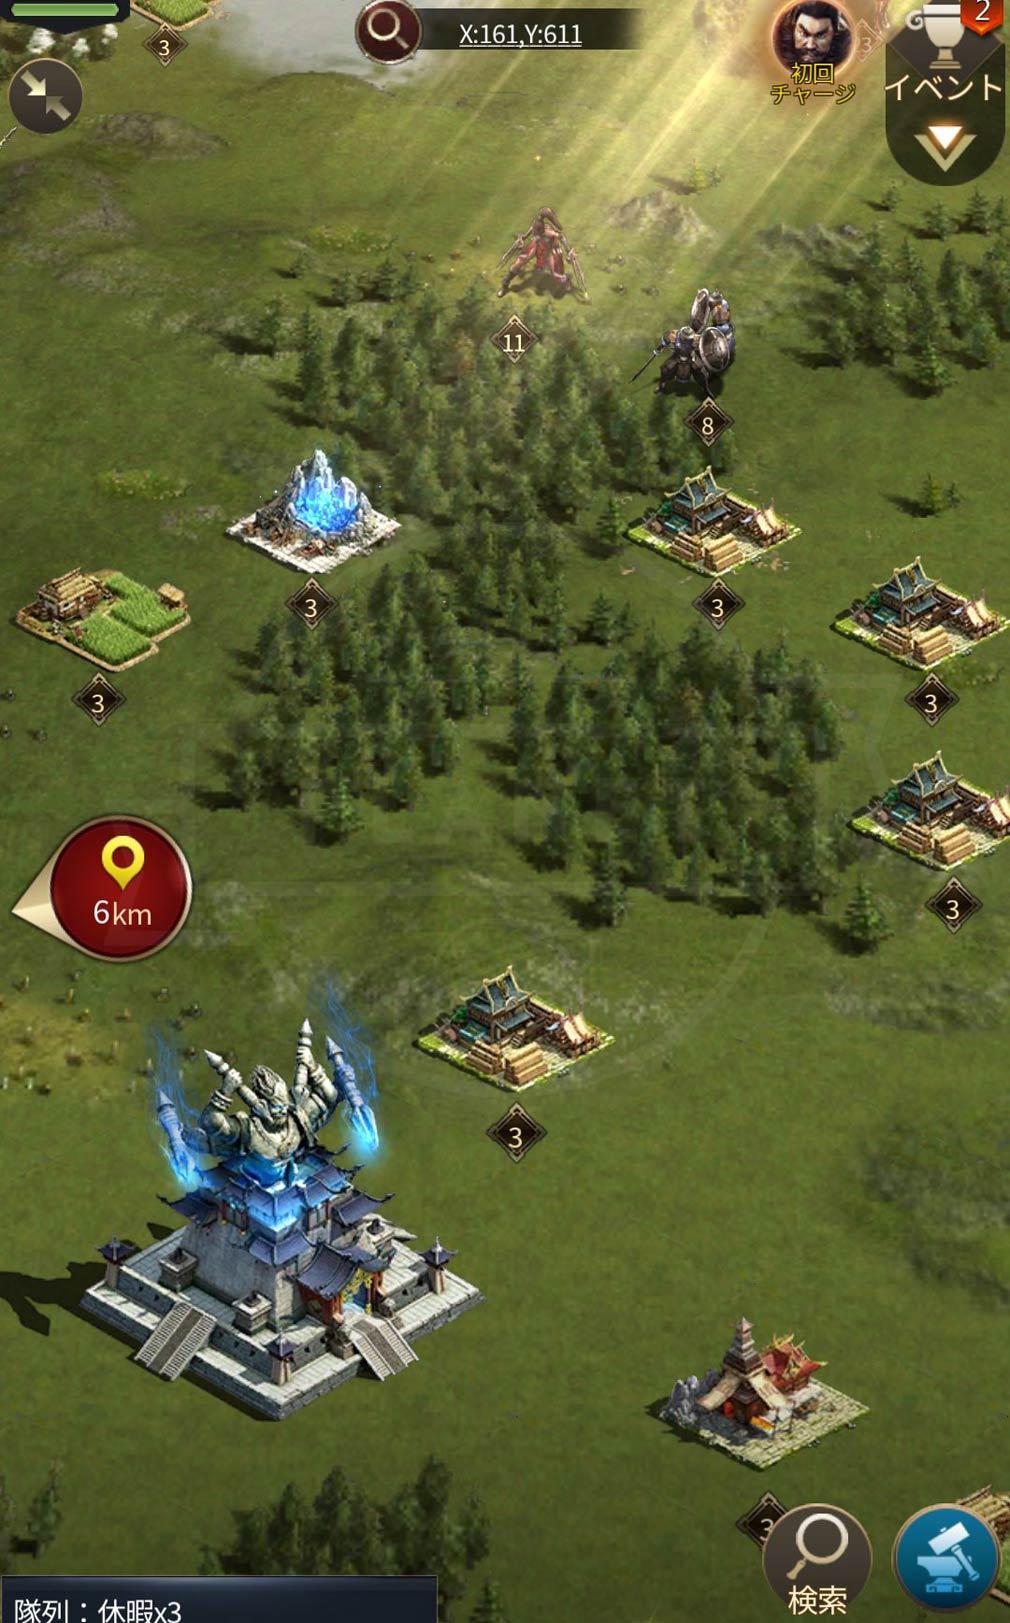 天地の如く 激乱の三国志 『場外マップ』スクリーンショット